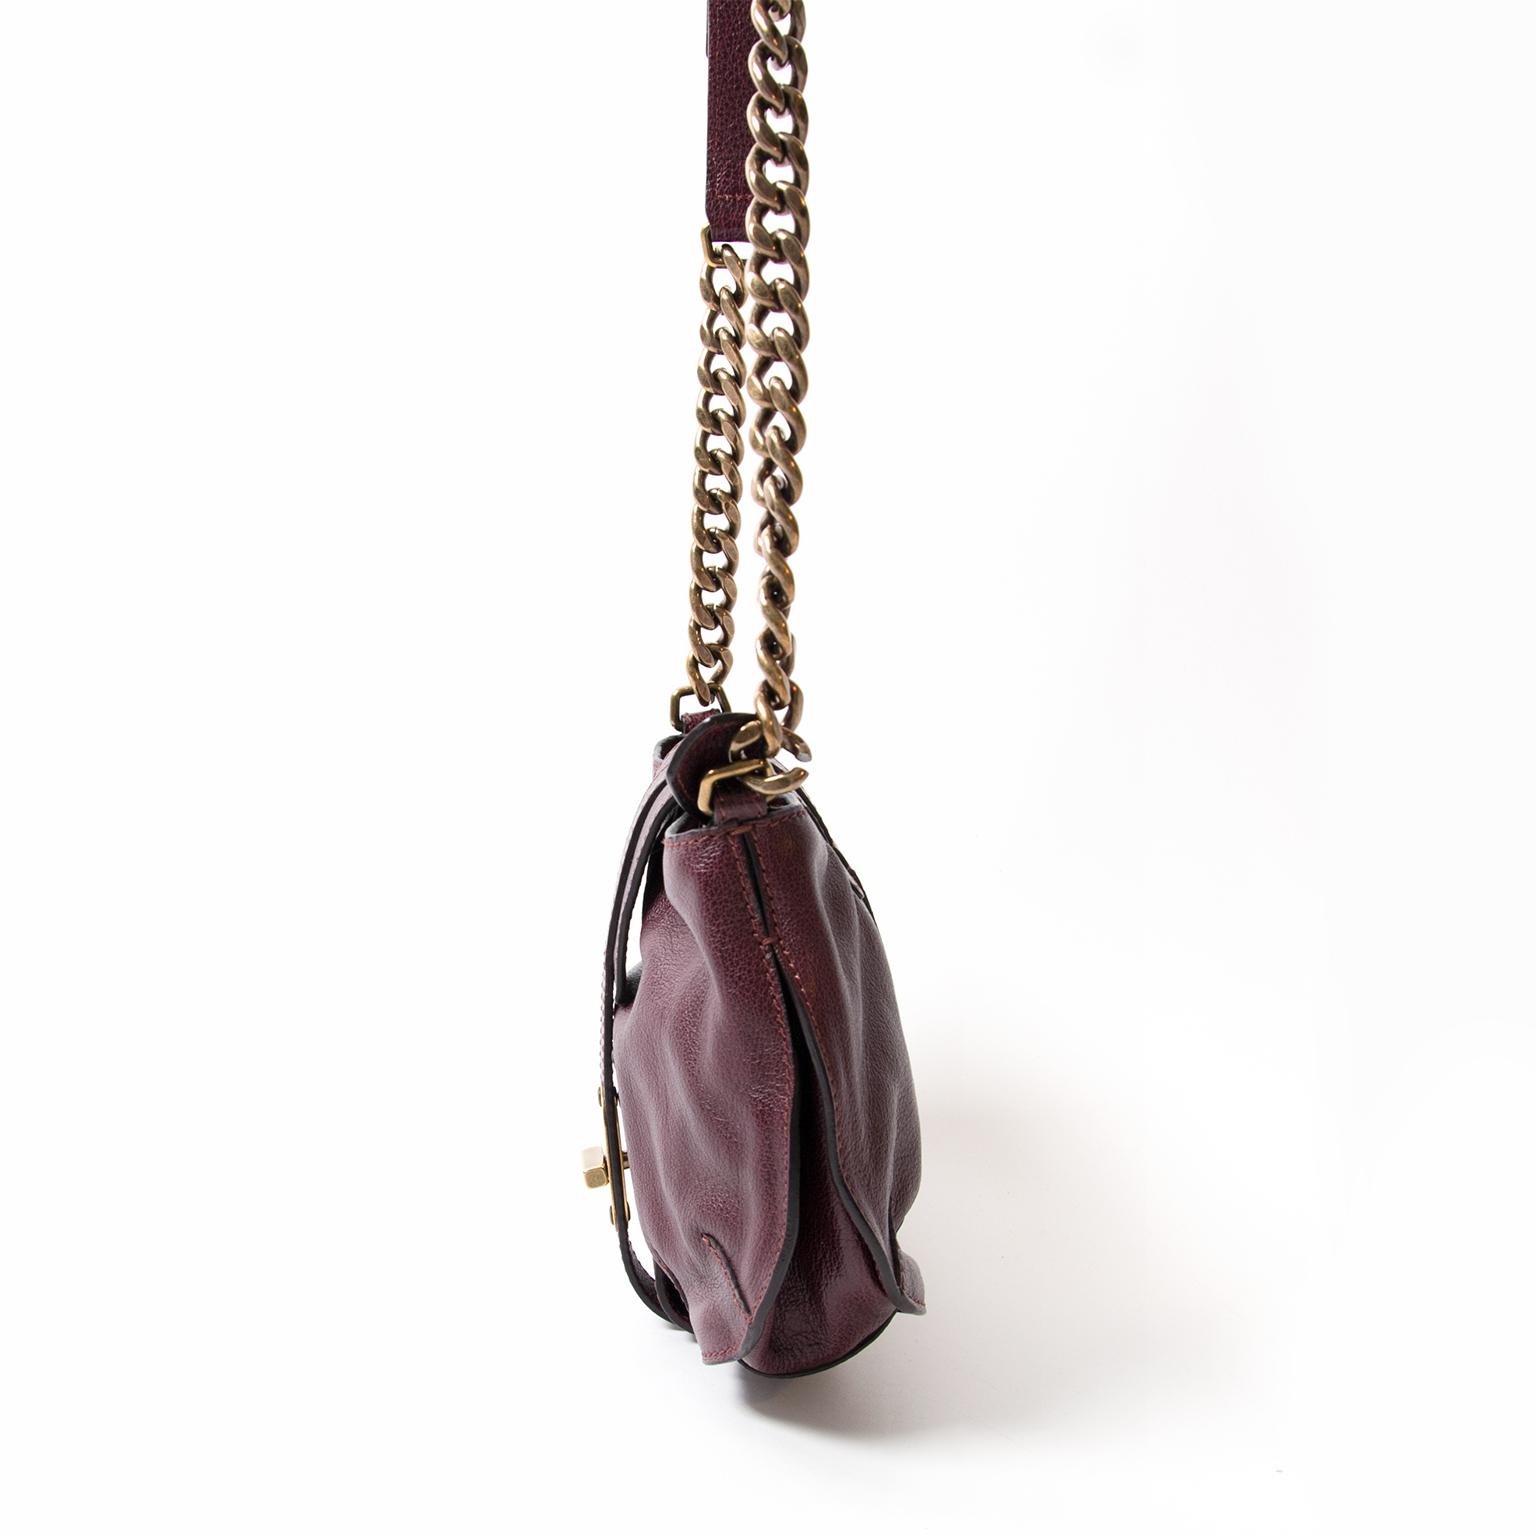 acheter en ligne seconde main burberry sac a epaule meilleur prix occasion come neuf site en ligne www.labelllov.com